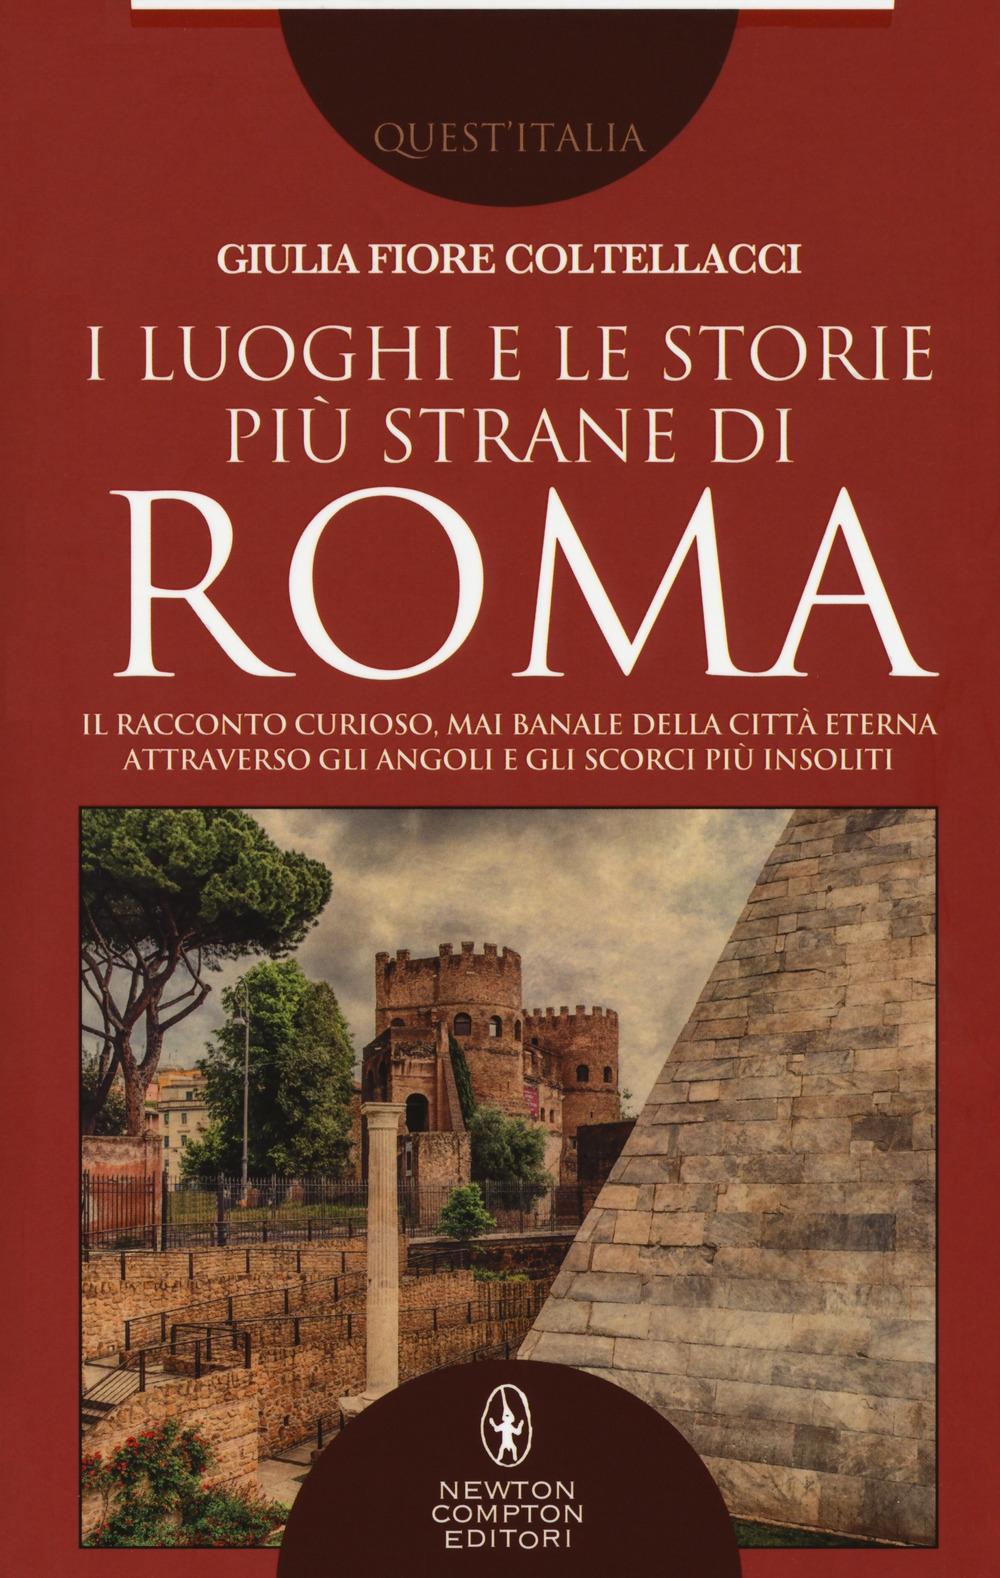 I luoghi e le storie più strane di Roma. Il racconto curioso, mai banale della città eterna attraverso gli angoli e gli scorsi più insoliti